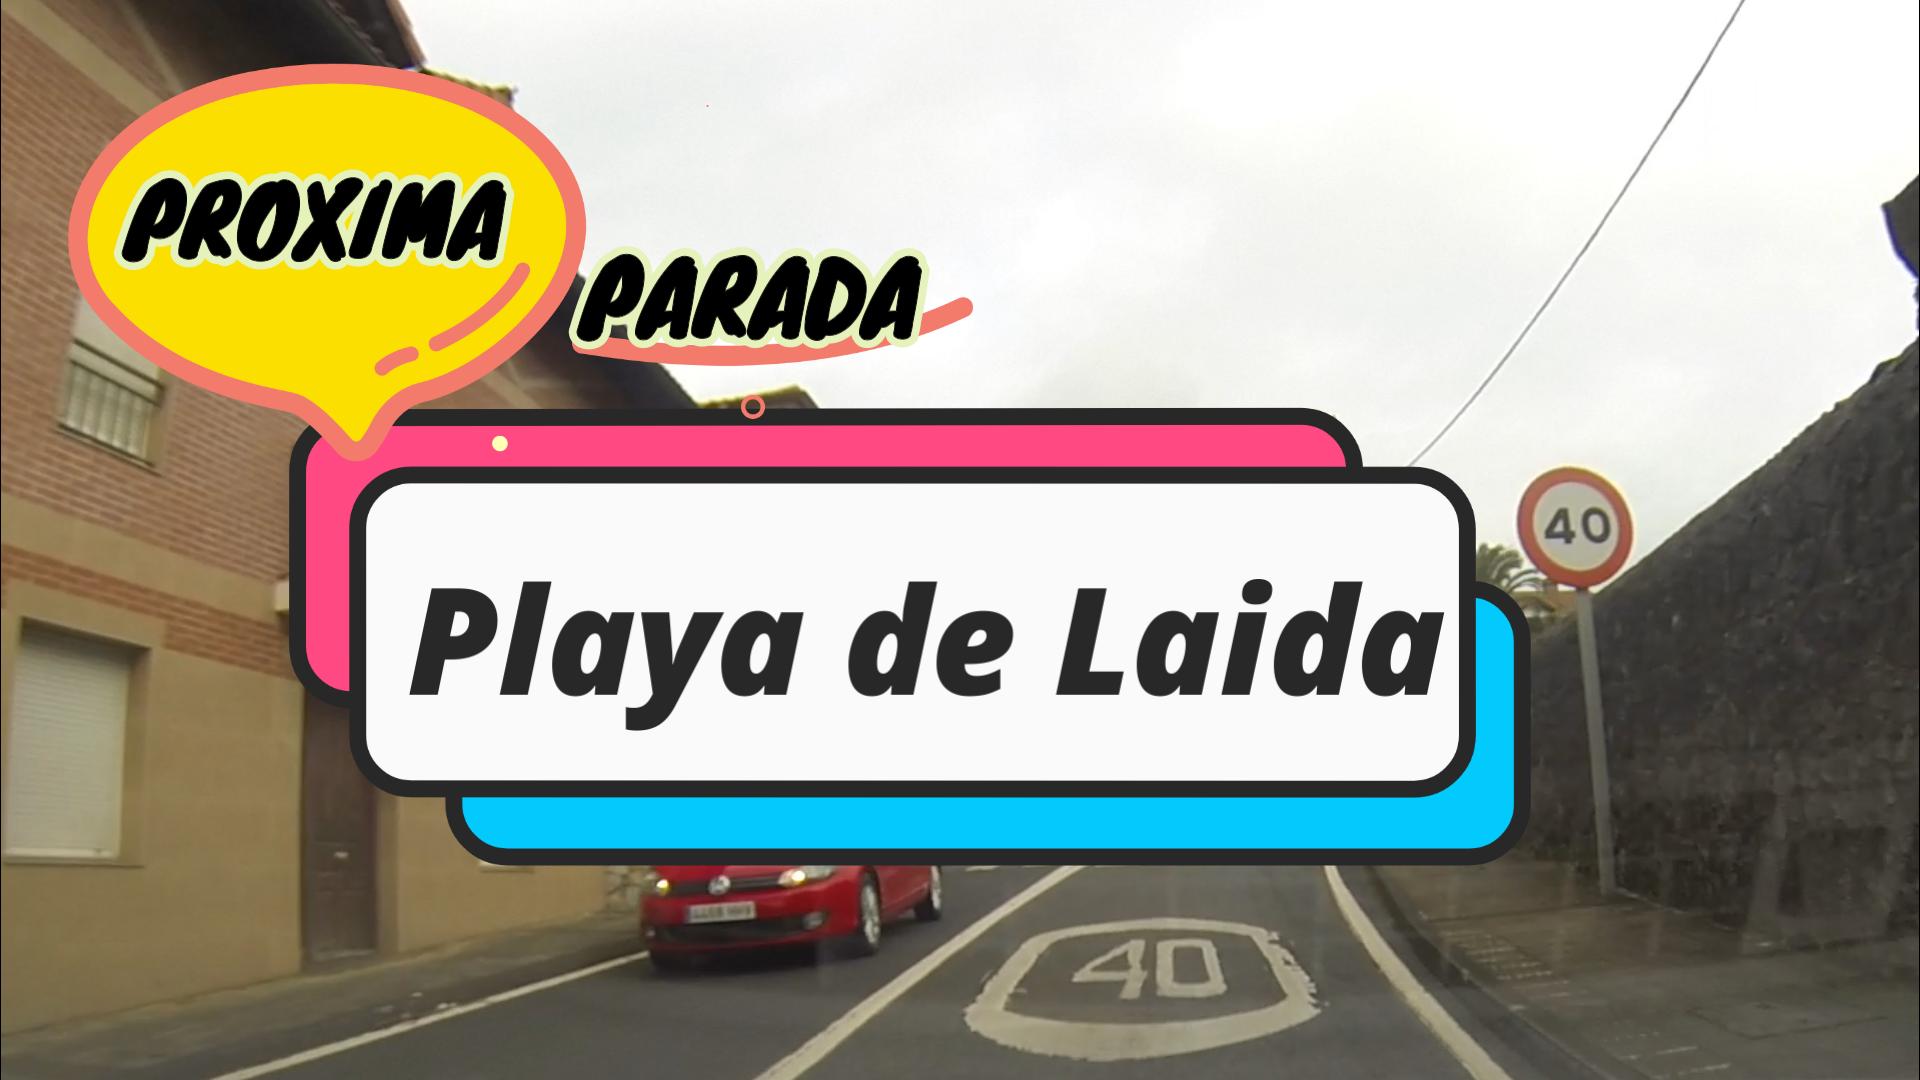 Conociendo el Pais Vasco: Playa de Laida, Elanchove (Elantxobe)